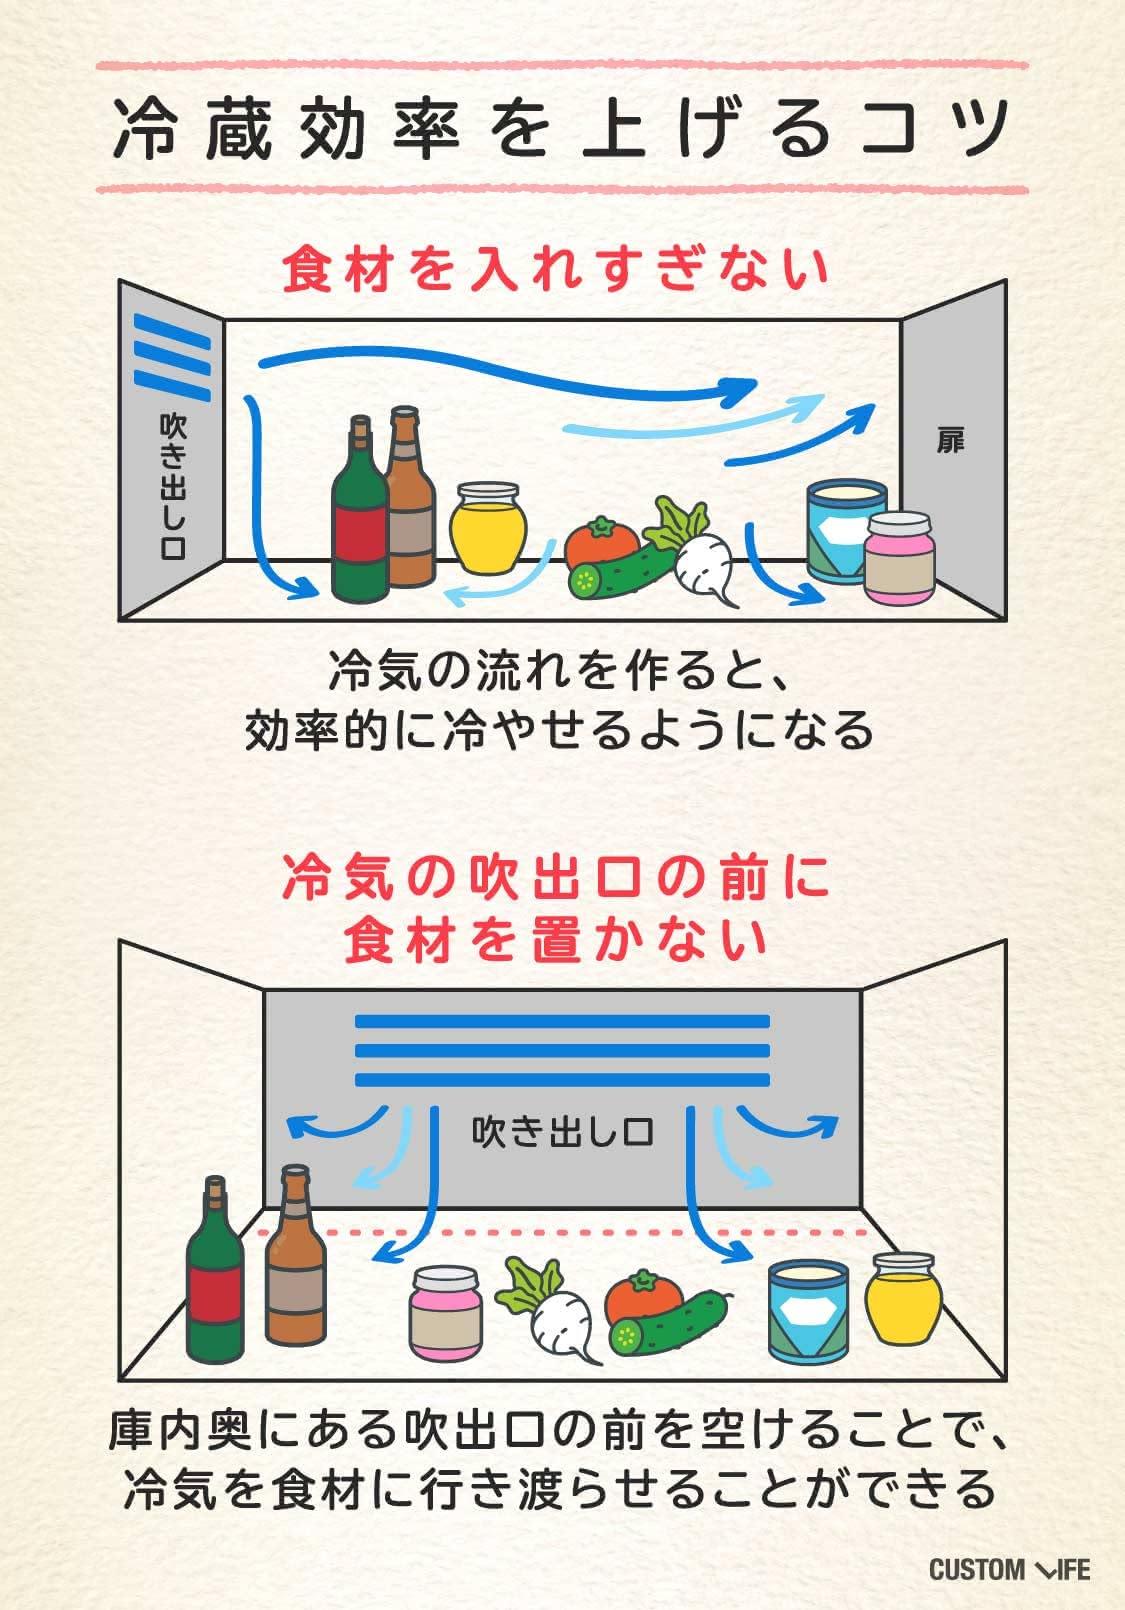 冷蔵効率を上げるコツは、食材を入れすぎない・冷気の出口に食材を置かないこと